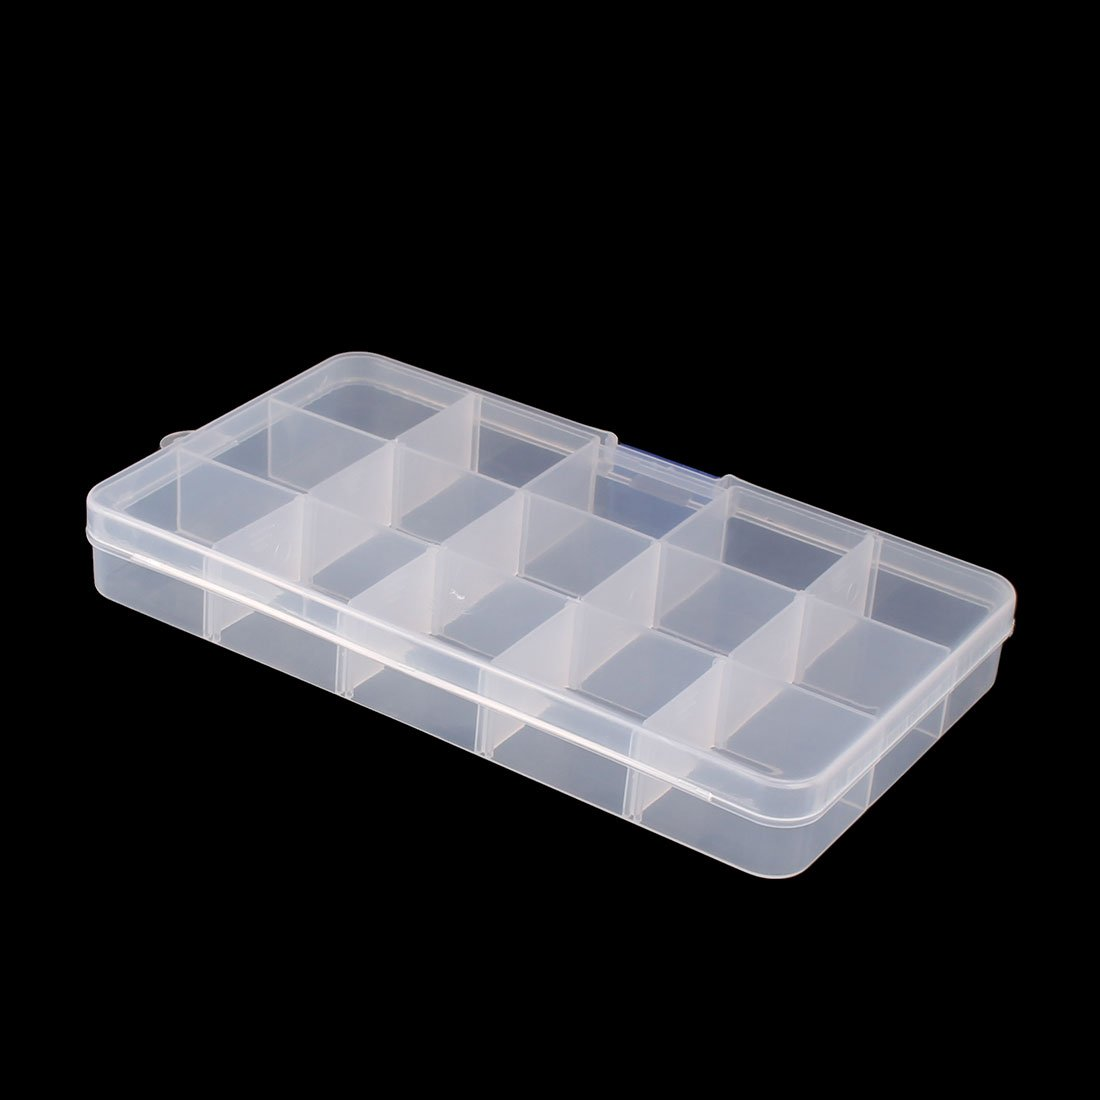 sourcingmap/® Haushalt Plastik 24 F/ächer Schmuck Ohrring Aufbewahrungsbox Kasten durchsichtig de